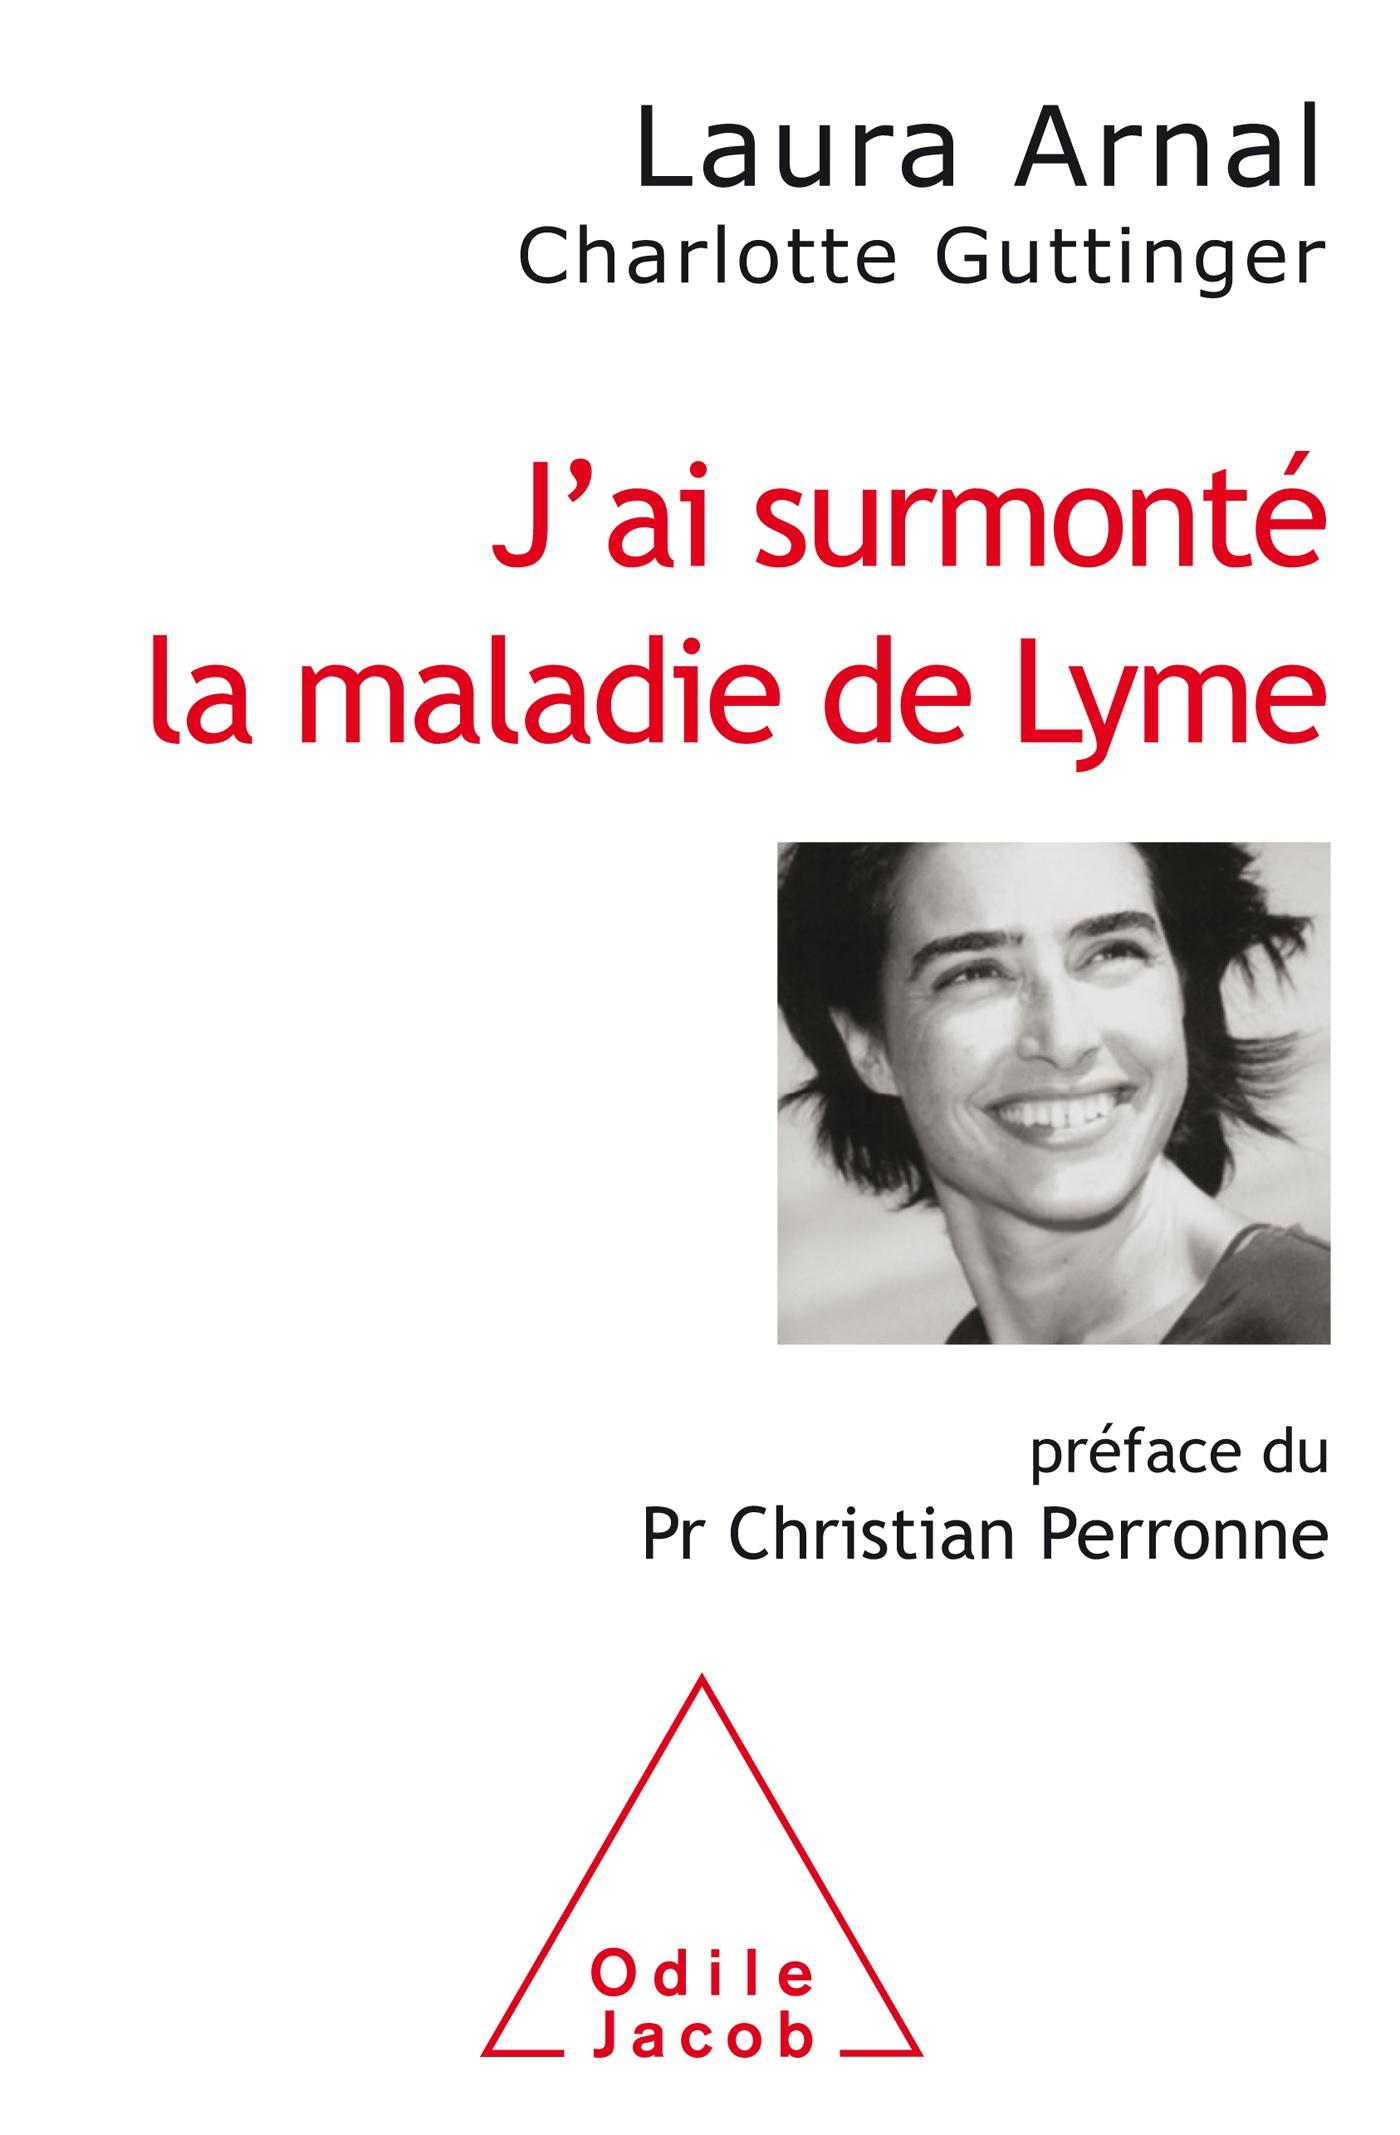 Arnal_Guttinger_J'ai_surmonté_la_maladie_de_Lyme (1) (1)